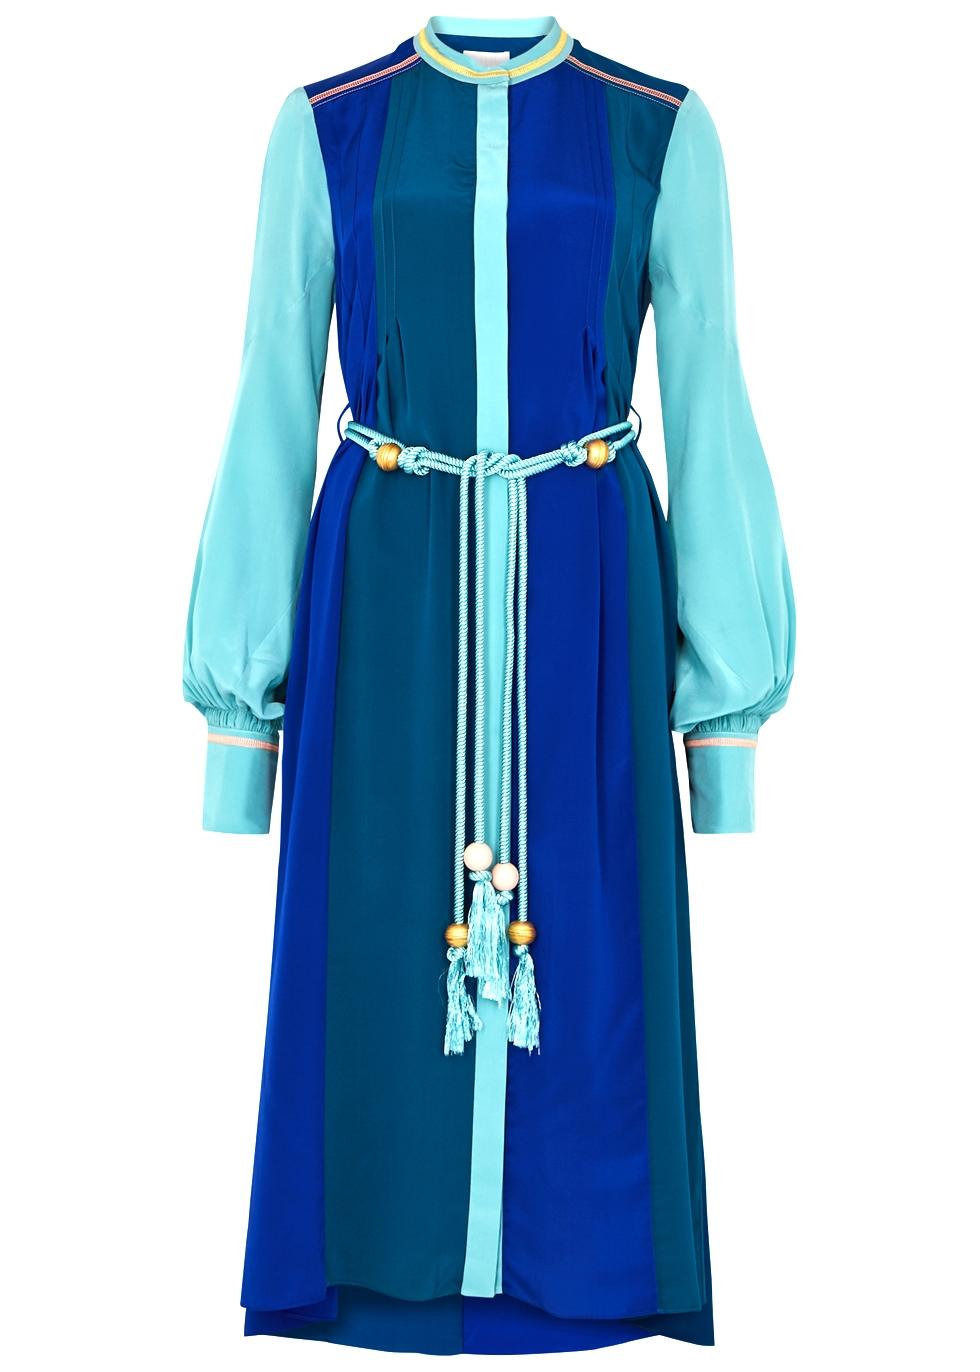 Silk Colour Block Shirt Dress Peter Pilotto Cheap Low Shipping 0hoGnP4hz